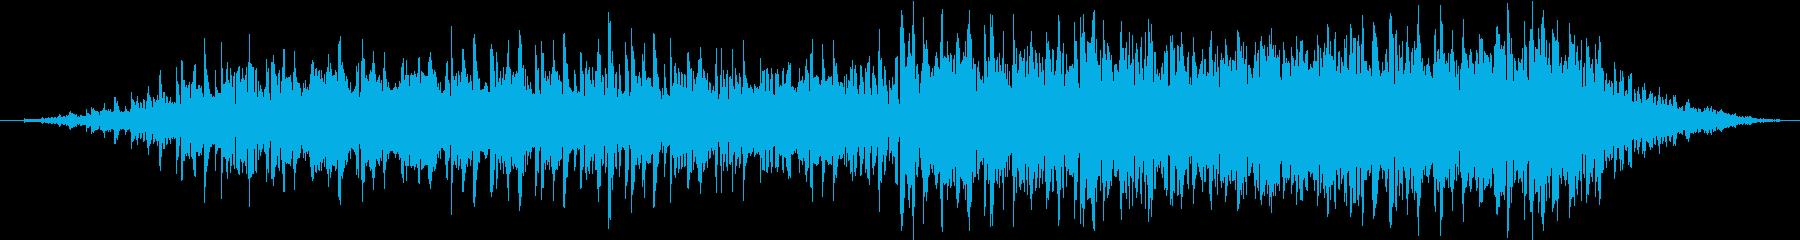 ちょっと変わった催眠エレクトロアン...の再生済みの波形